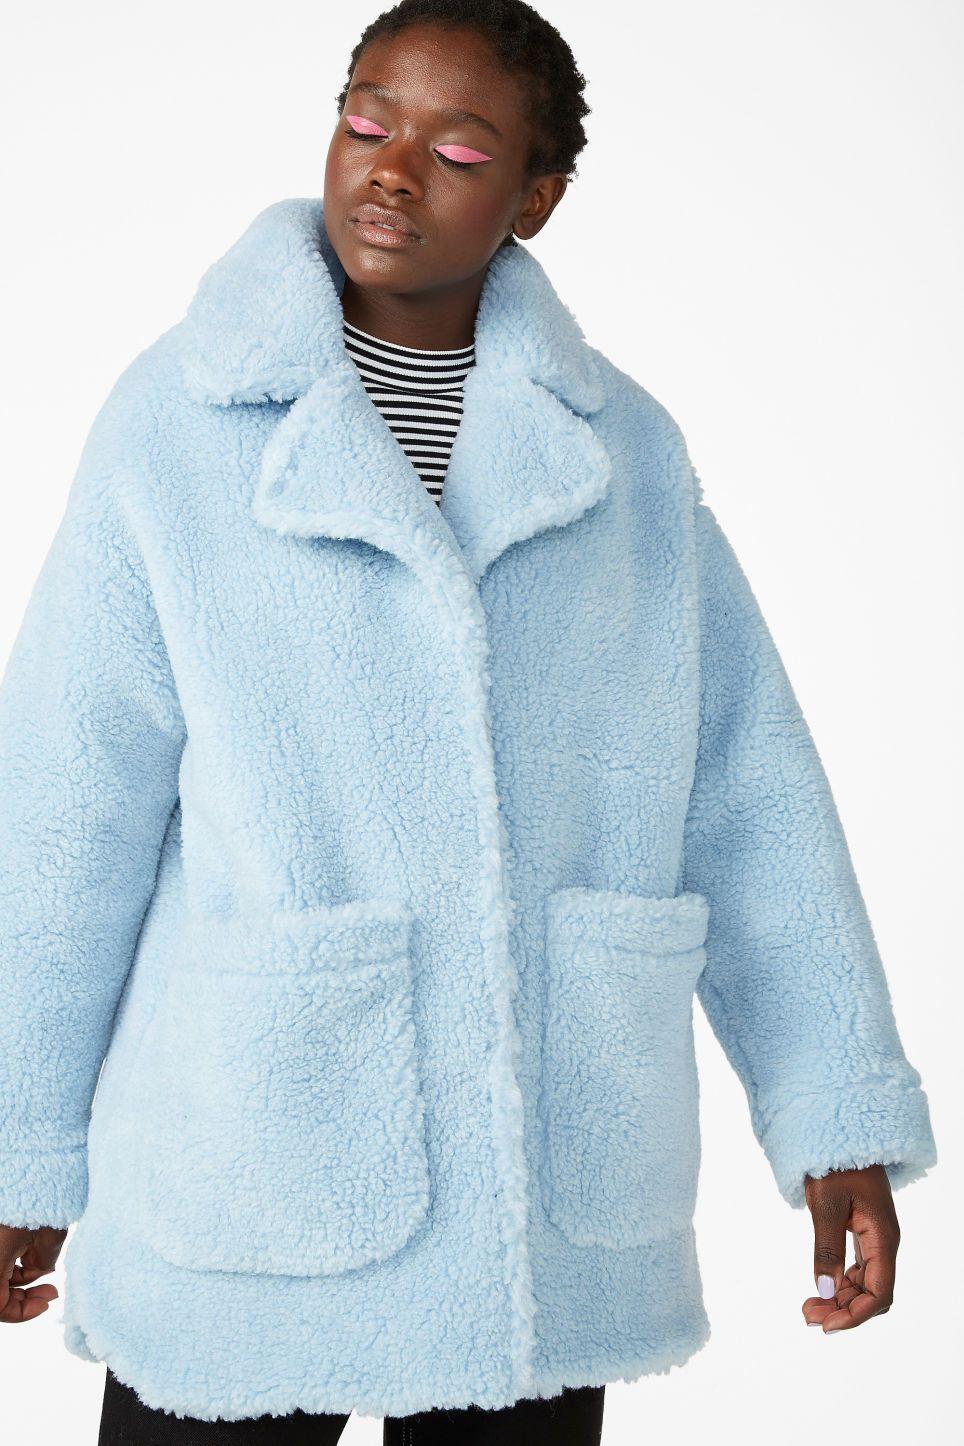 ce5c2dea64f2 Oversized faux shearling coat - Pale sky blue - Coats & Jackets in ...